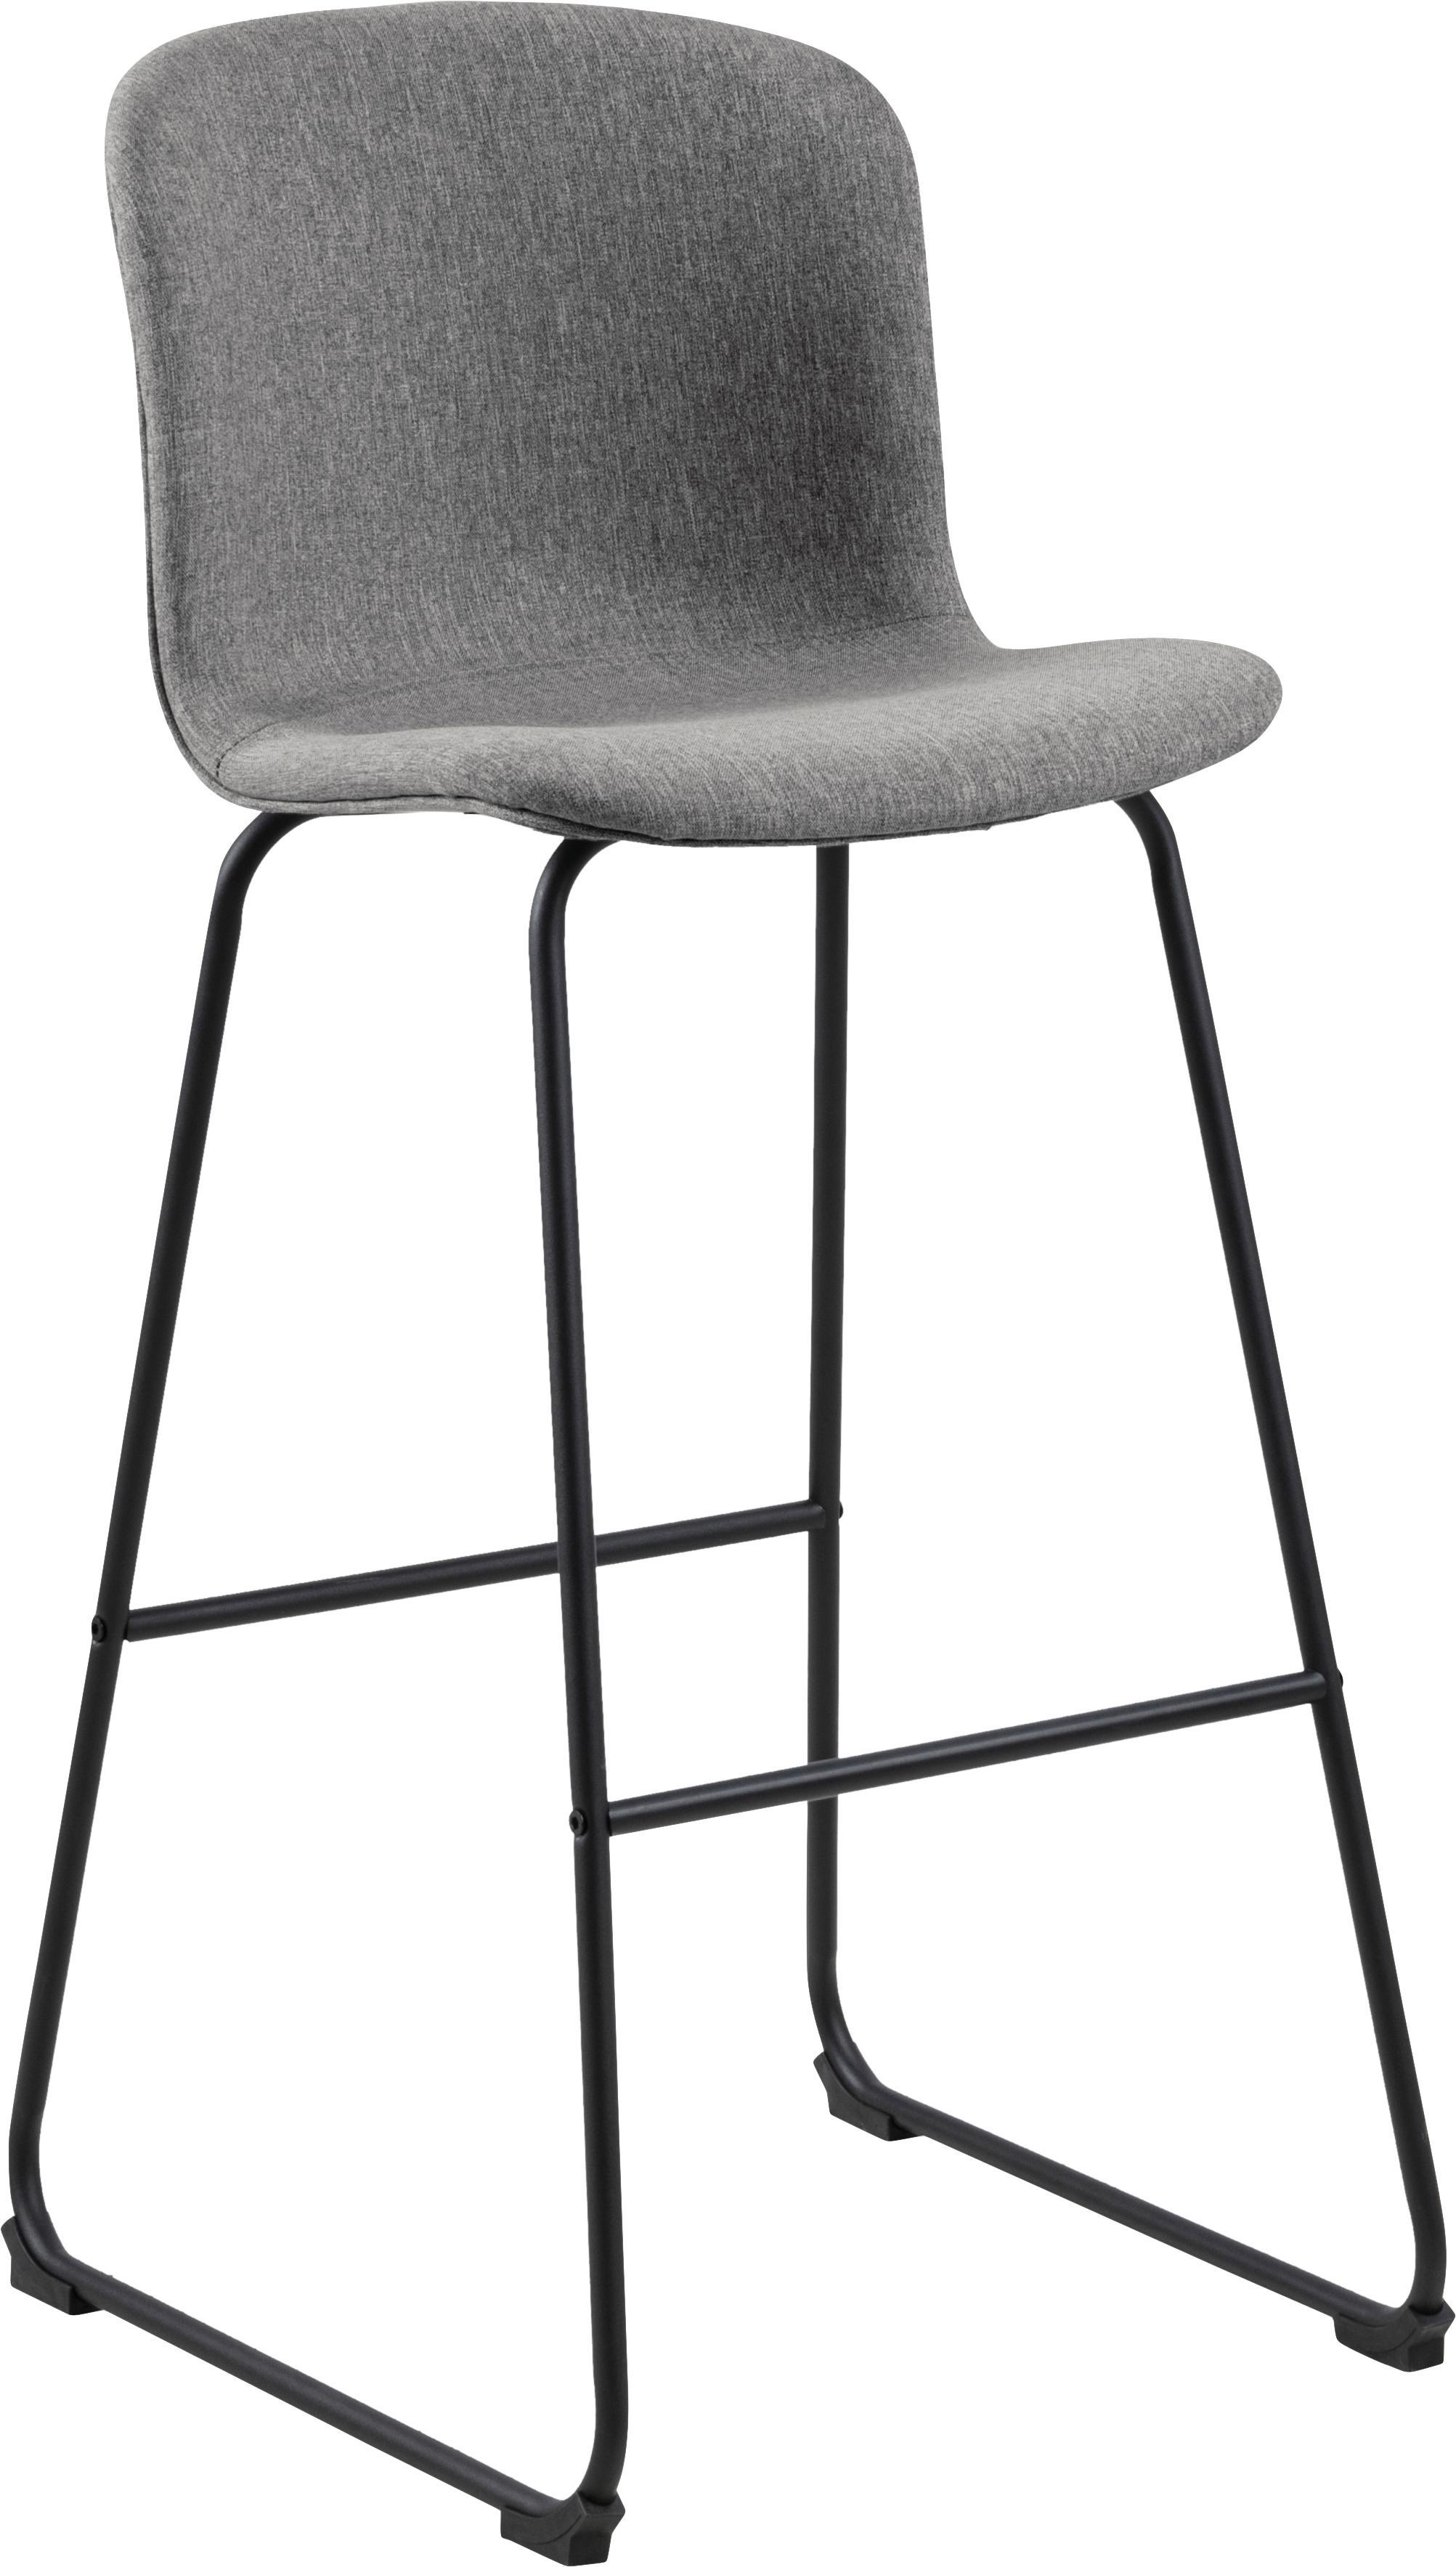 Sedia da bar Story 2 pz, Rivestimento: poliestere, Struttura: metallo verniciato a polv, Grigio, nero, Larg. 50 x Prof. 55 cm